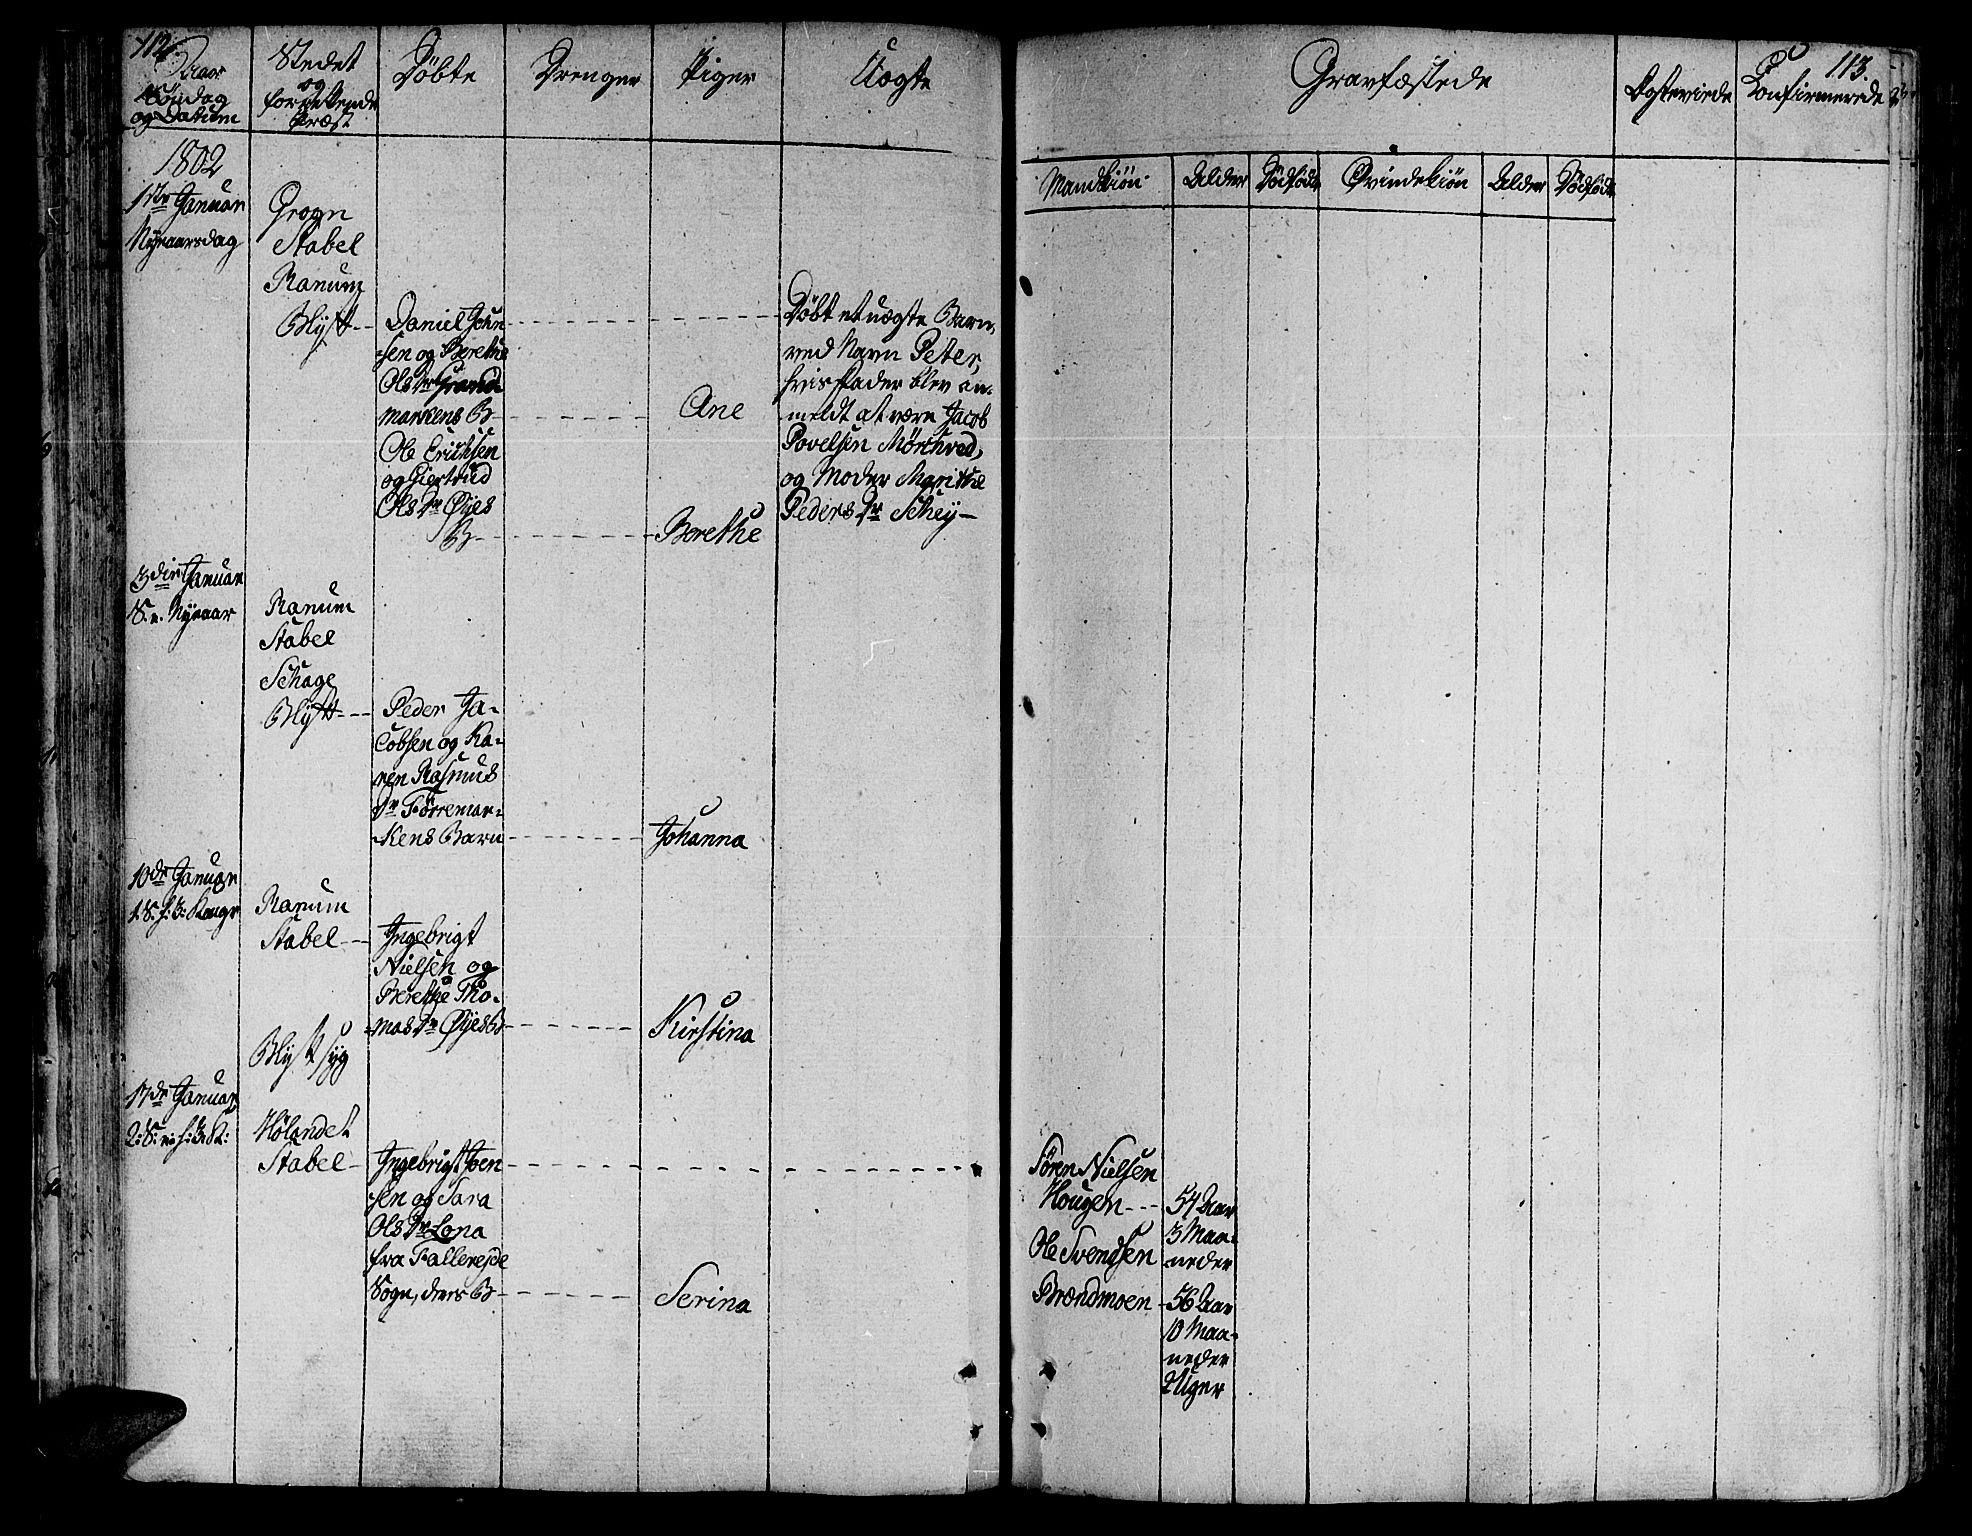 SAT, Ministerialprotokoller, klokkerbøker og fødselsregistre - Nord-Trøndelag, 764/L0545: Ministerialbok nr. 764A05, 1799-1816, s. 112-113